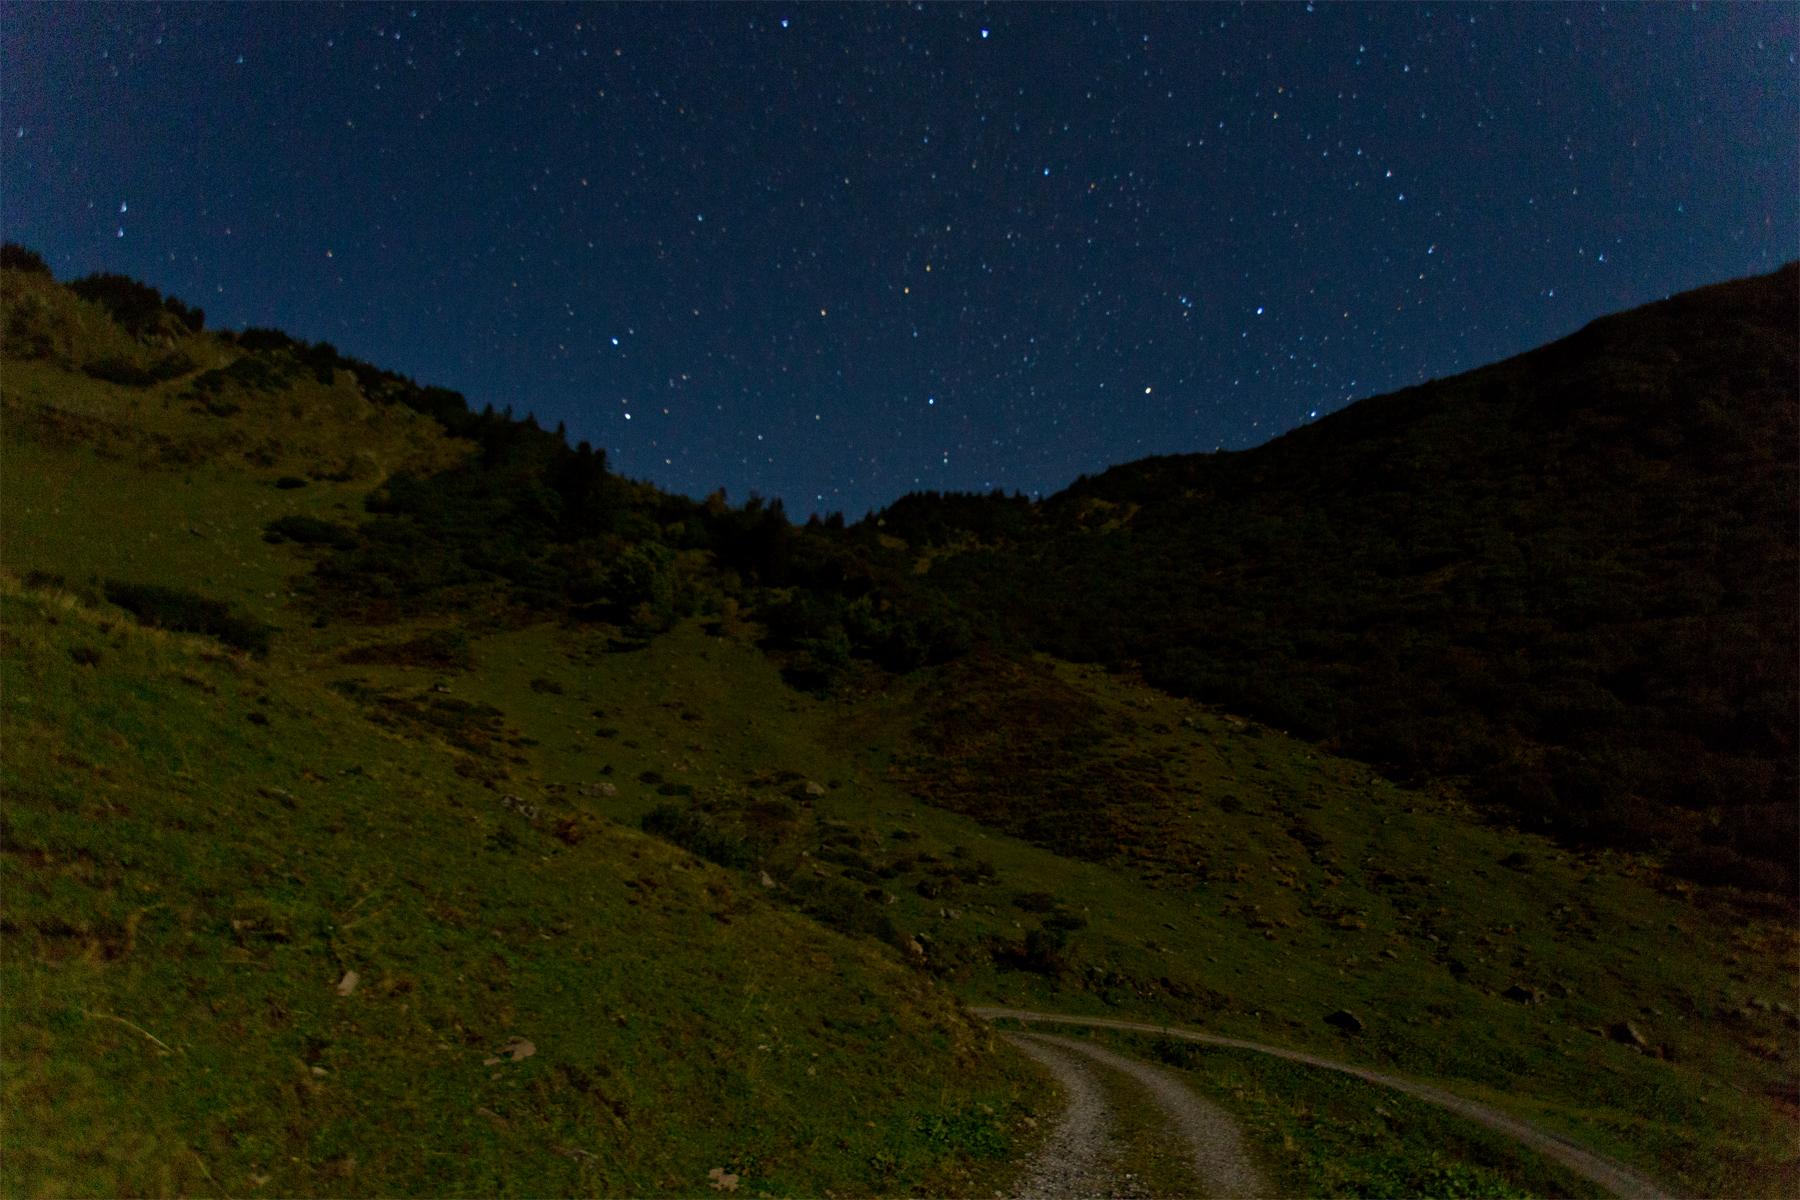 Sternenhimmel im Mondlicht